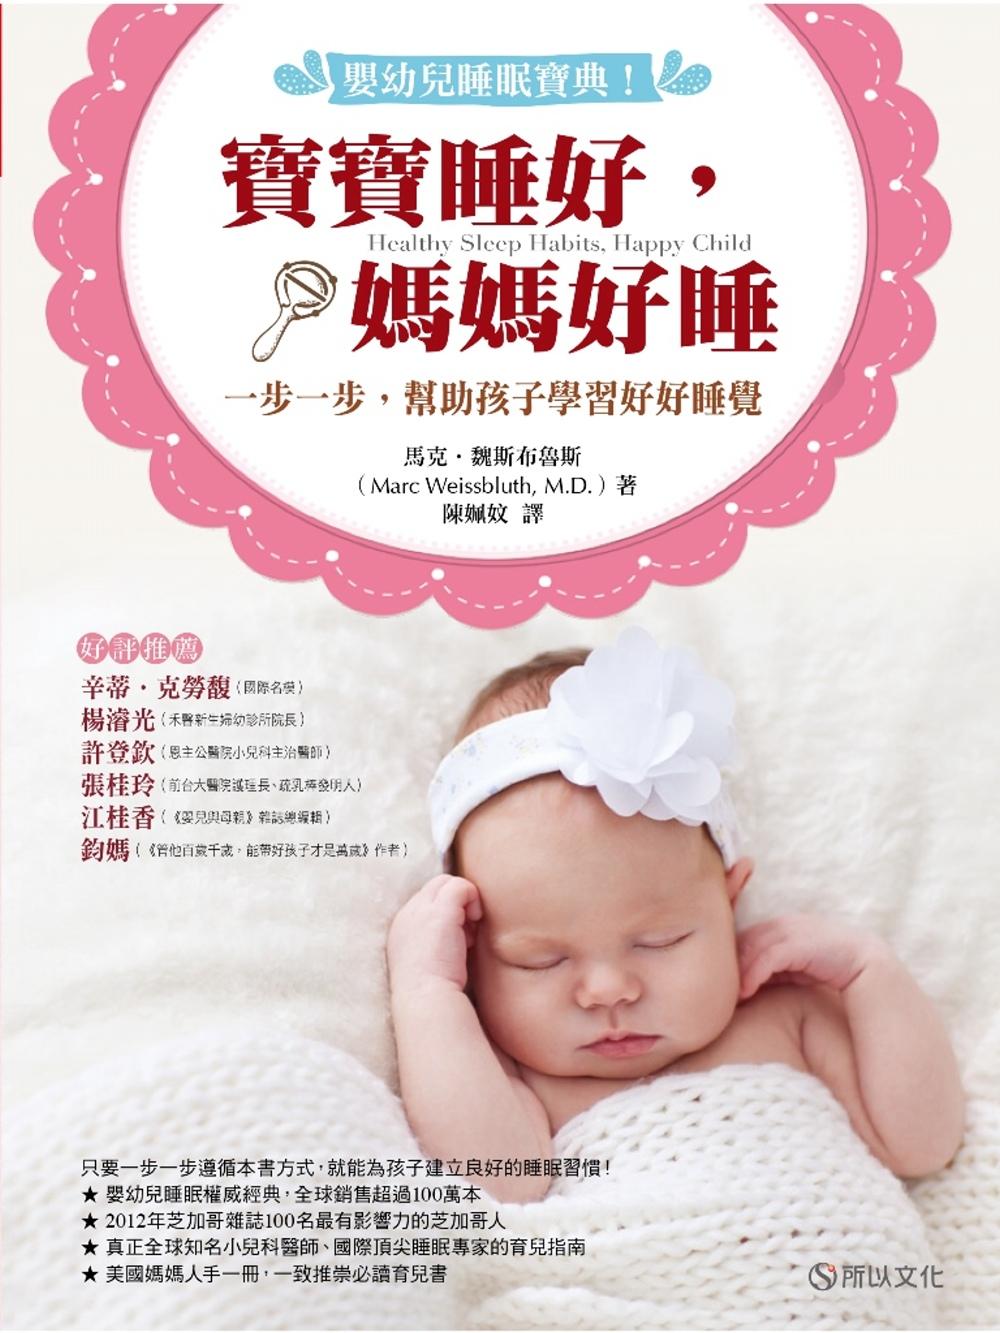 嬰幼兒睡眠寶典!寶寶睡好,媽媽好睡:一步一步,幫助孩子學習好好睡覺